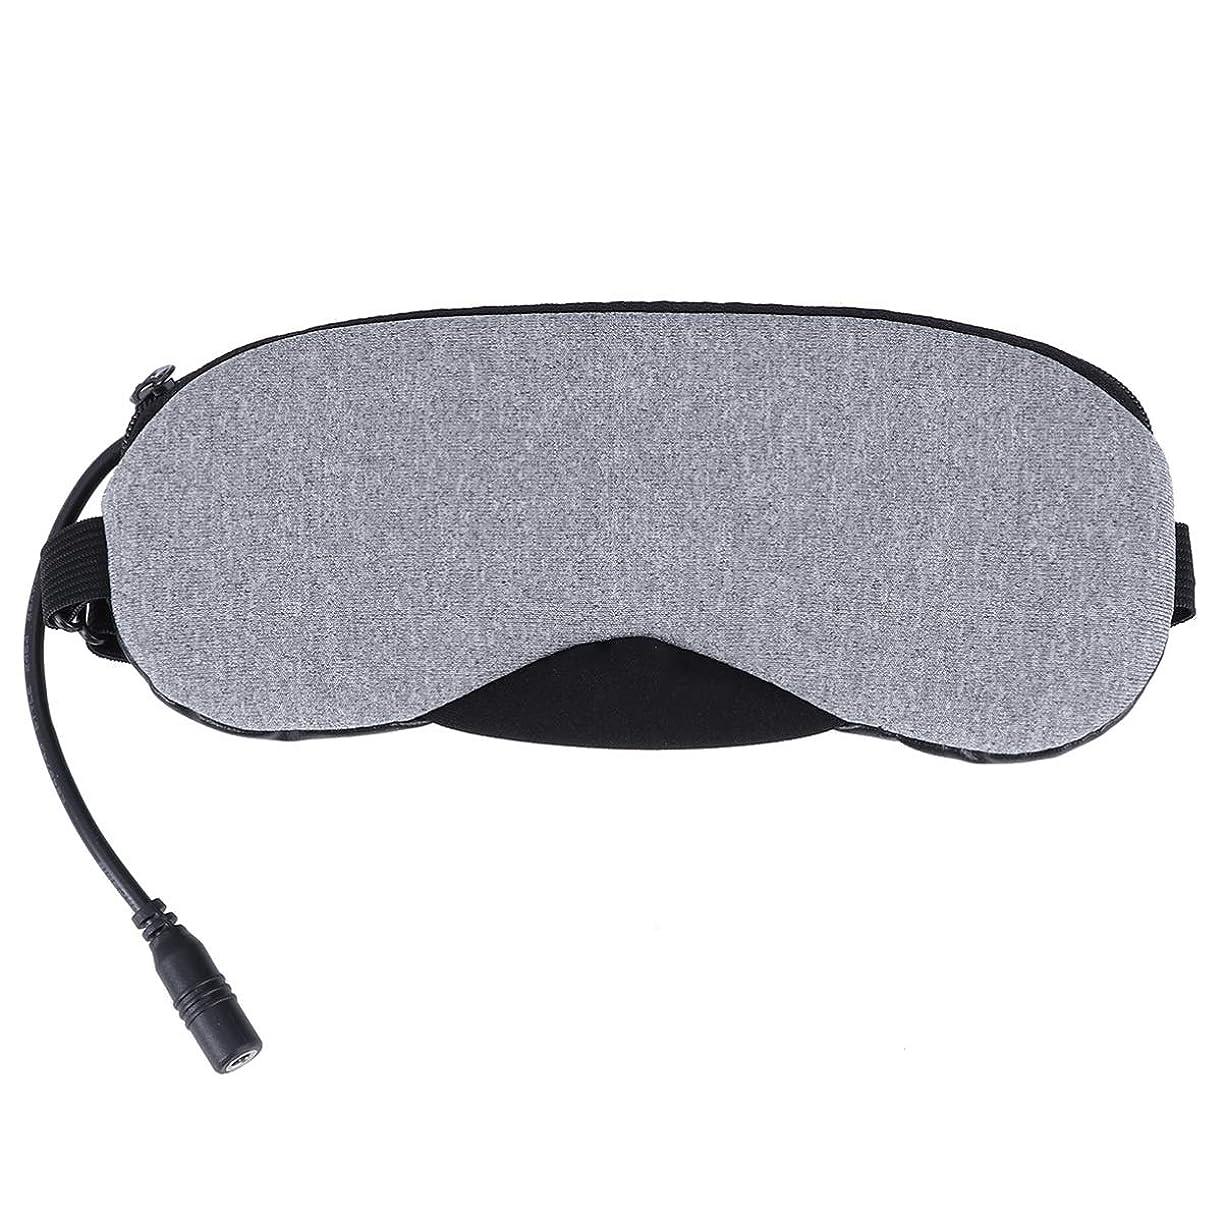 重さ留め金見えるSUPVOX usbスチームアイマスクドライアイ眼eph炎用アイスパック温熱治療用アイマスク(グレー)